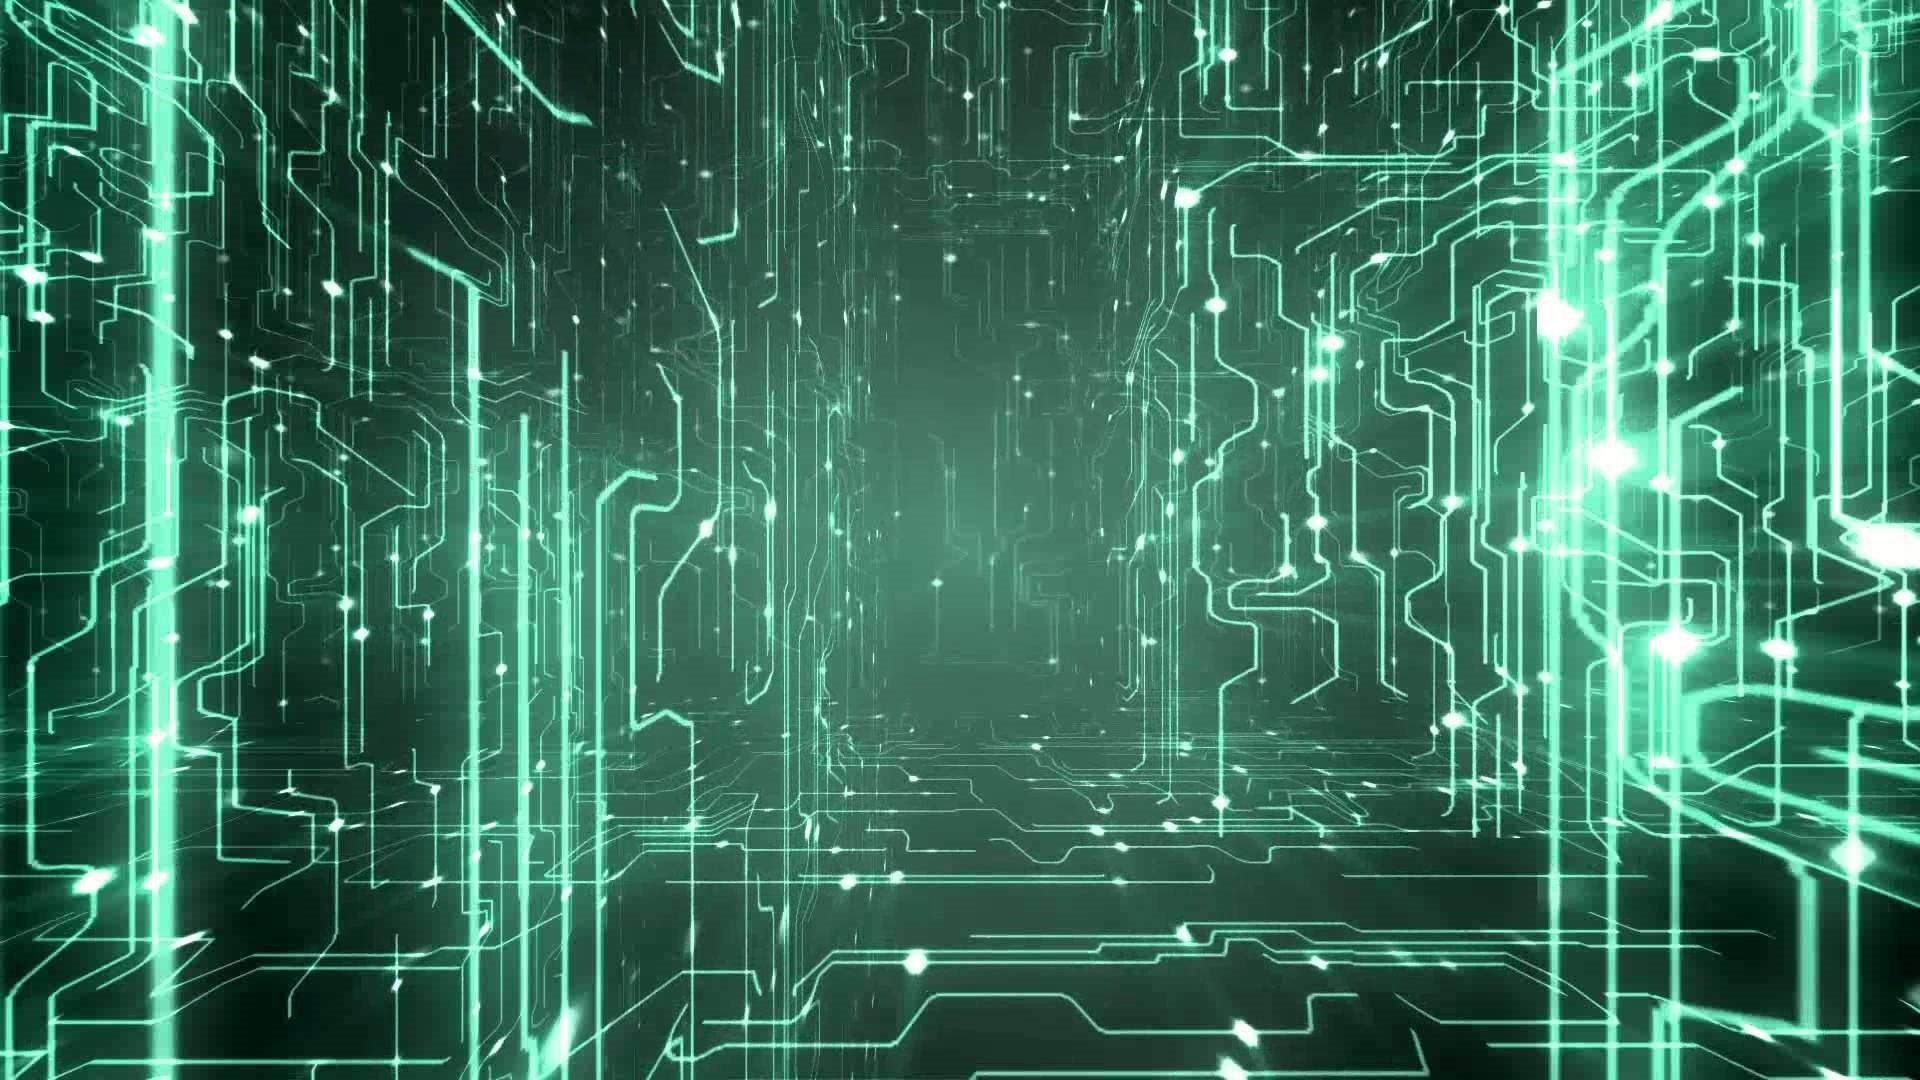 Cyber Wallpaper HD